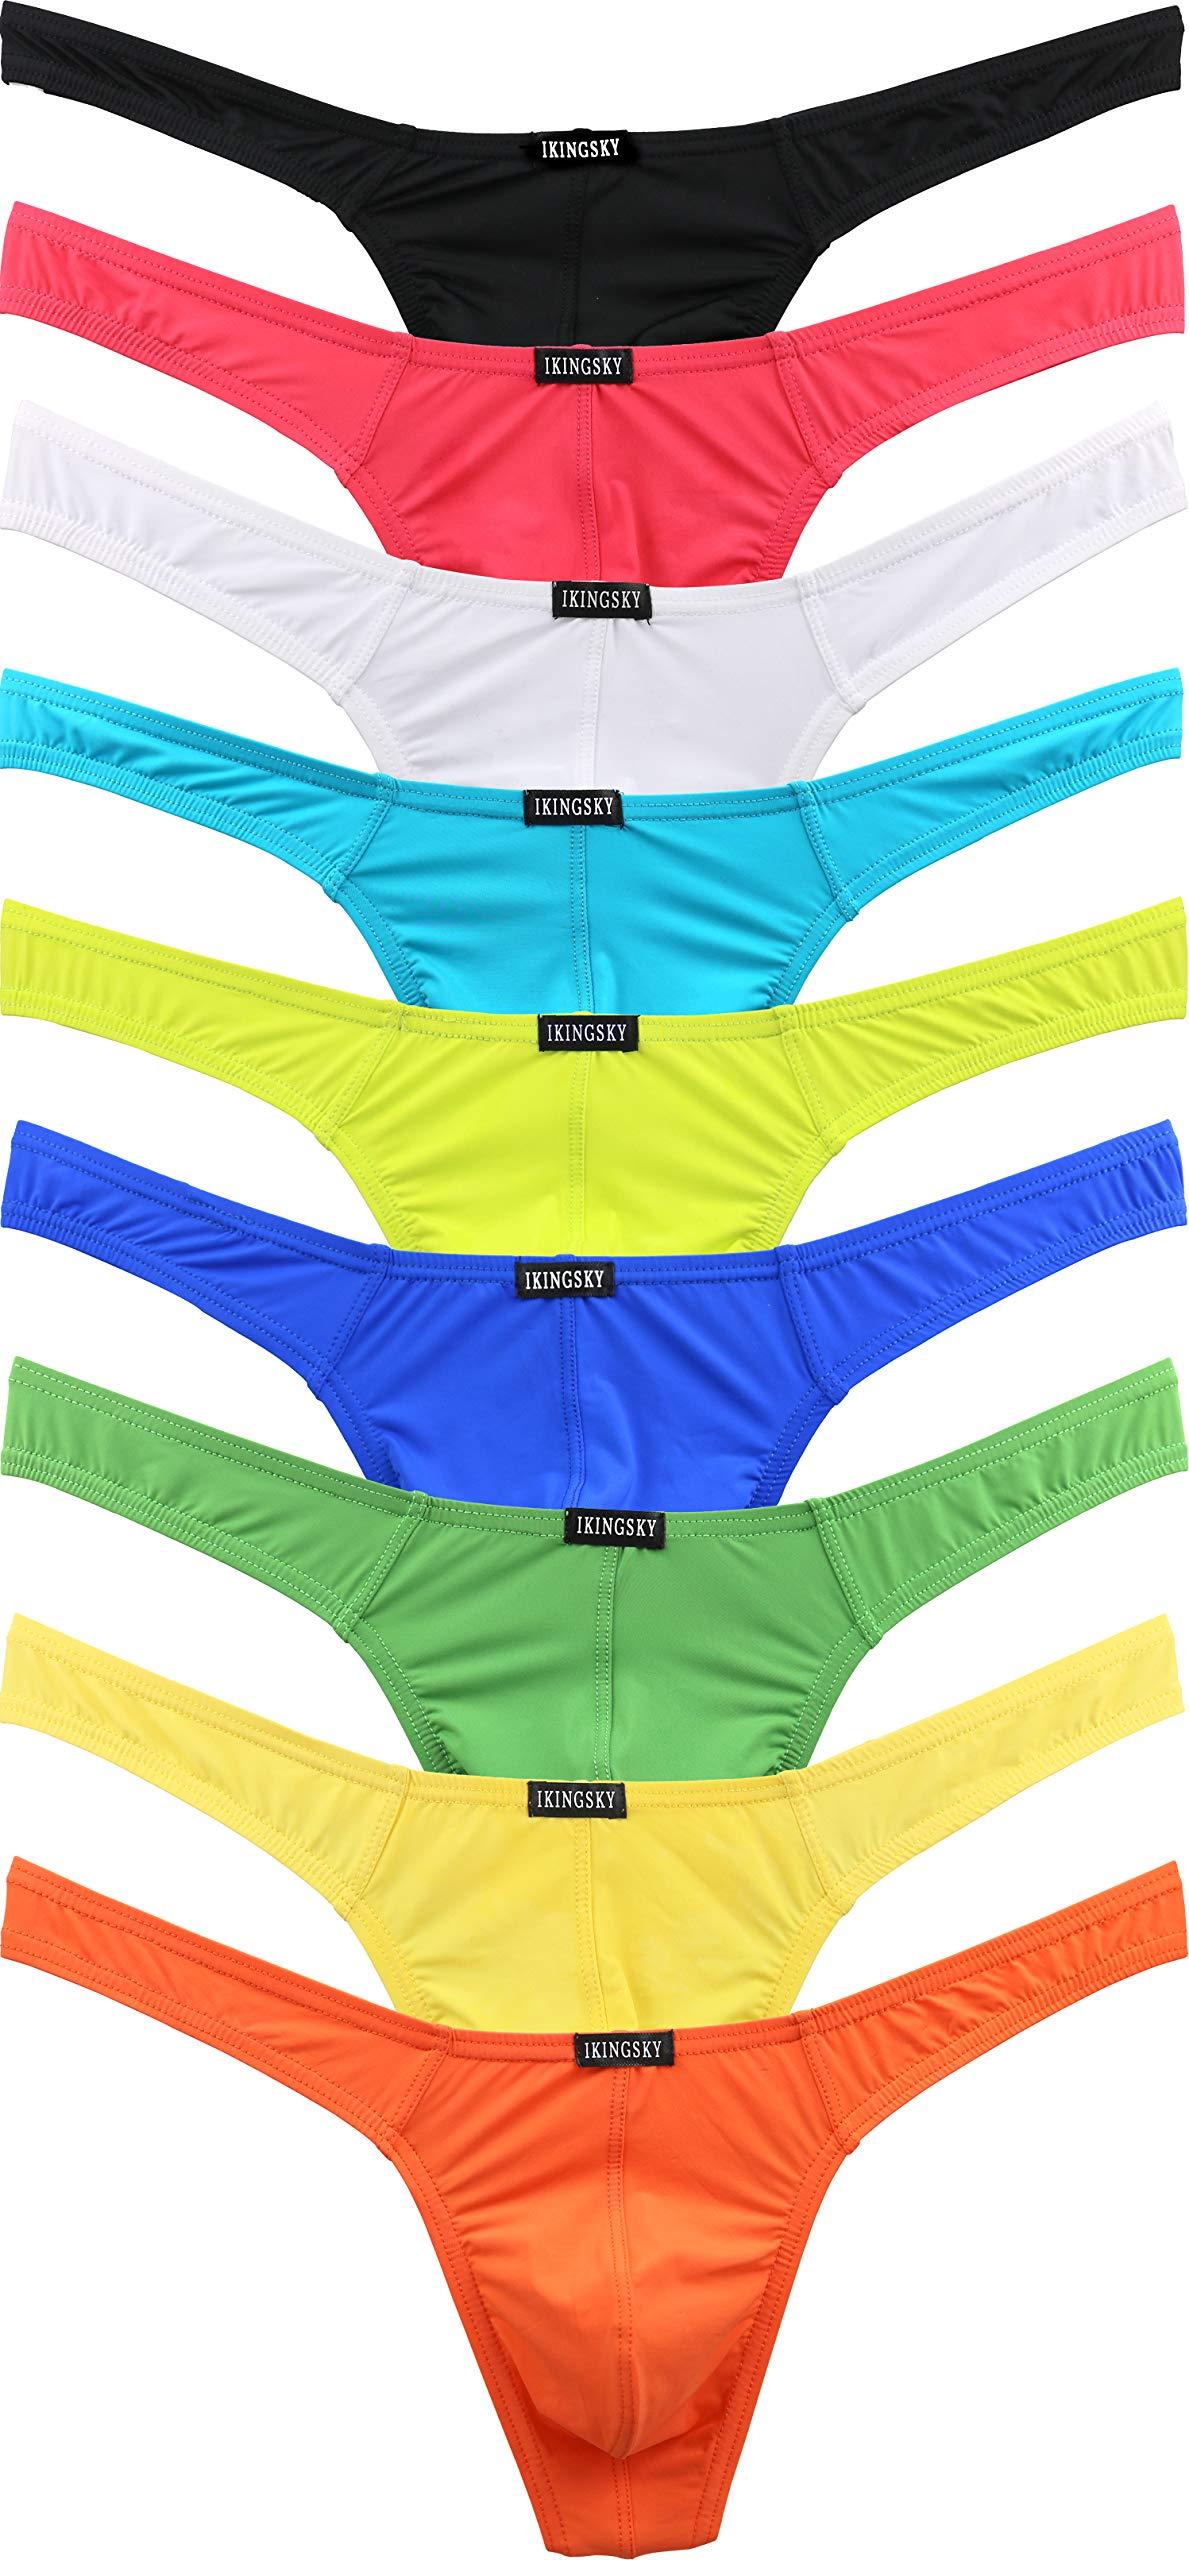 iKingsky Underwear T Back Panties Medium